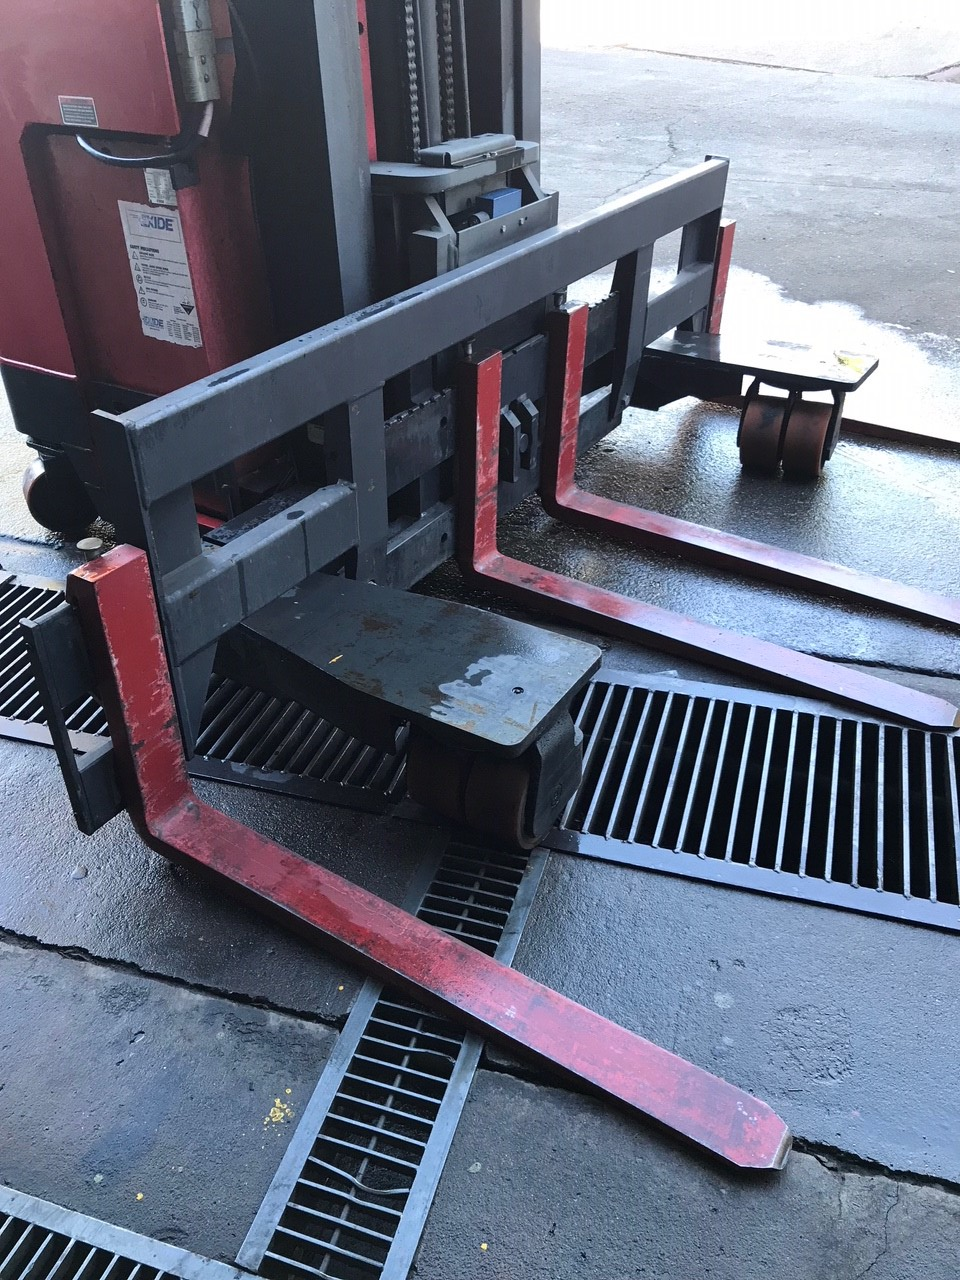 Raymond-Forklift-Finder-Services-3 - Forklift Finder Service